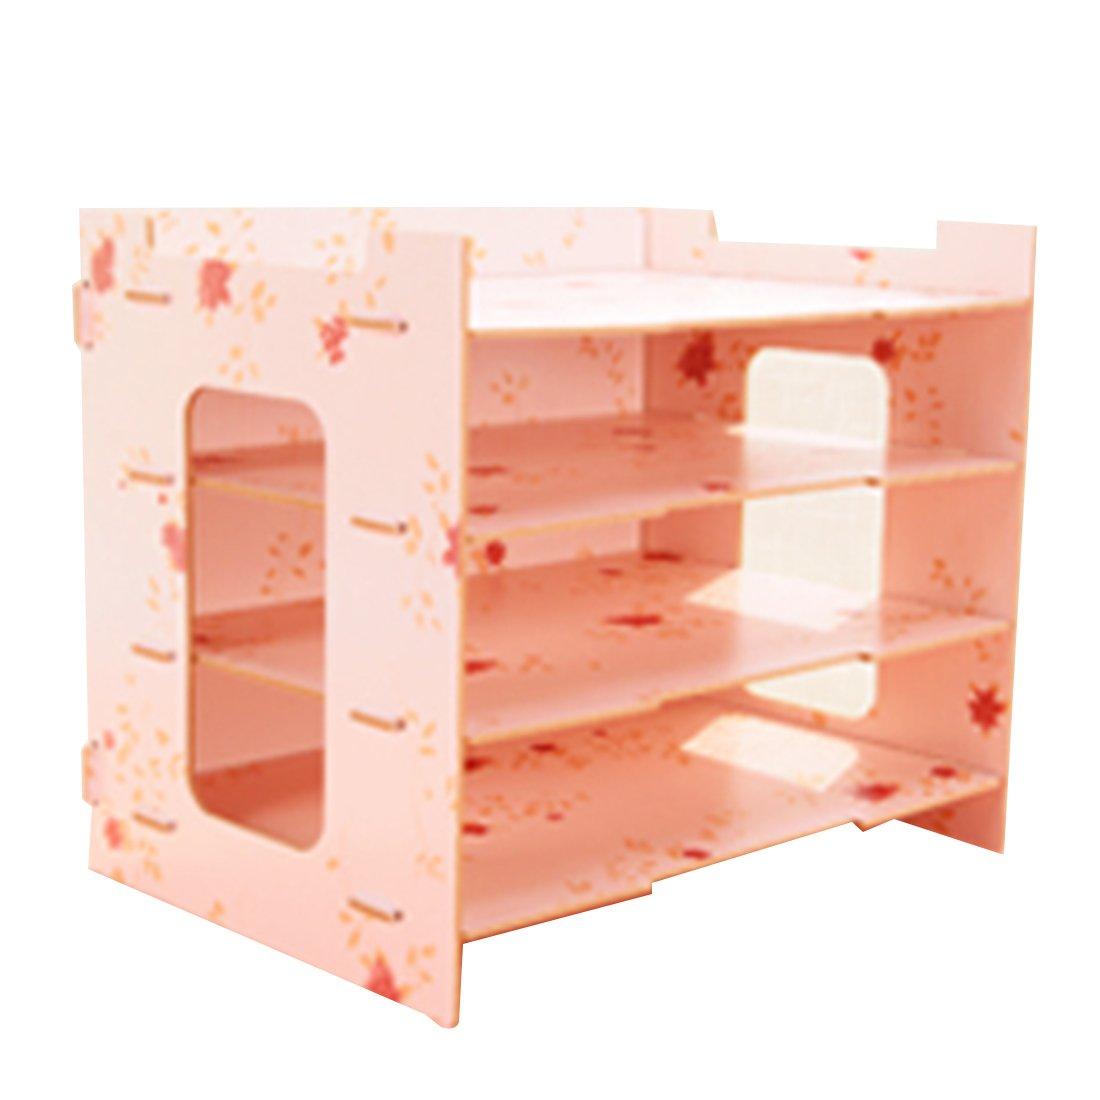 Tosbess Holz Schreibtischorganizer Tisch Organizer Büro Fernbedienung Box Organisation Aufbewahrungsbox Schreibtisch mit 4 variablen Einlegeböden Papierablage für Briefe und Unterlagen